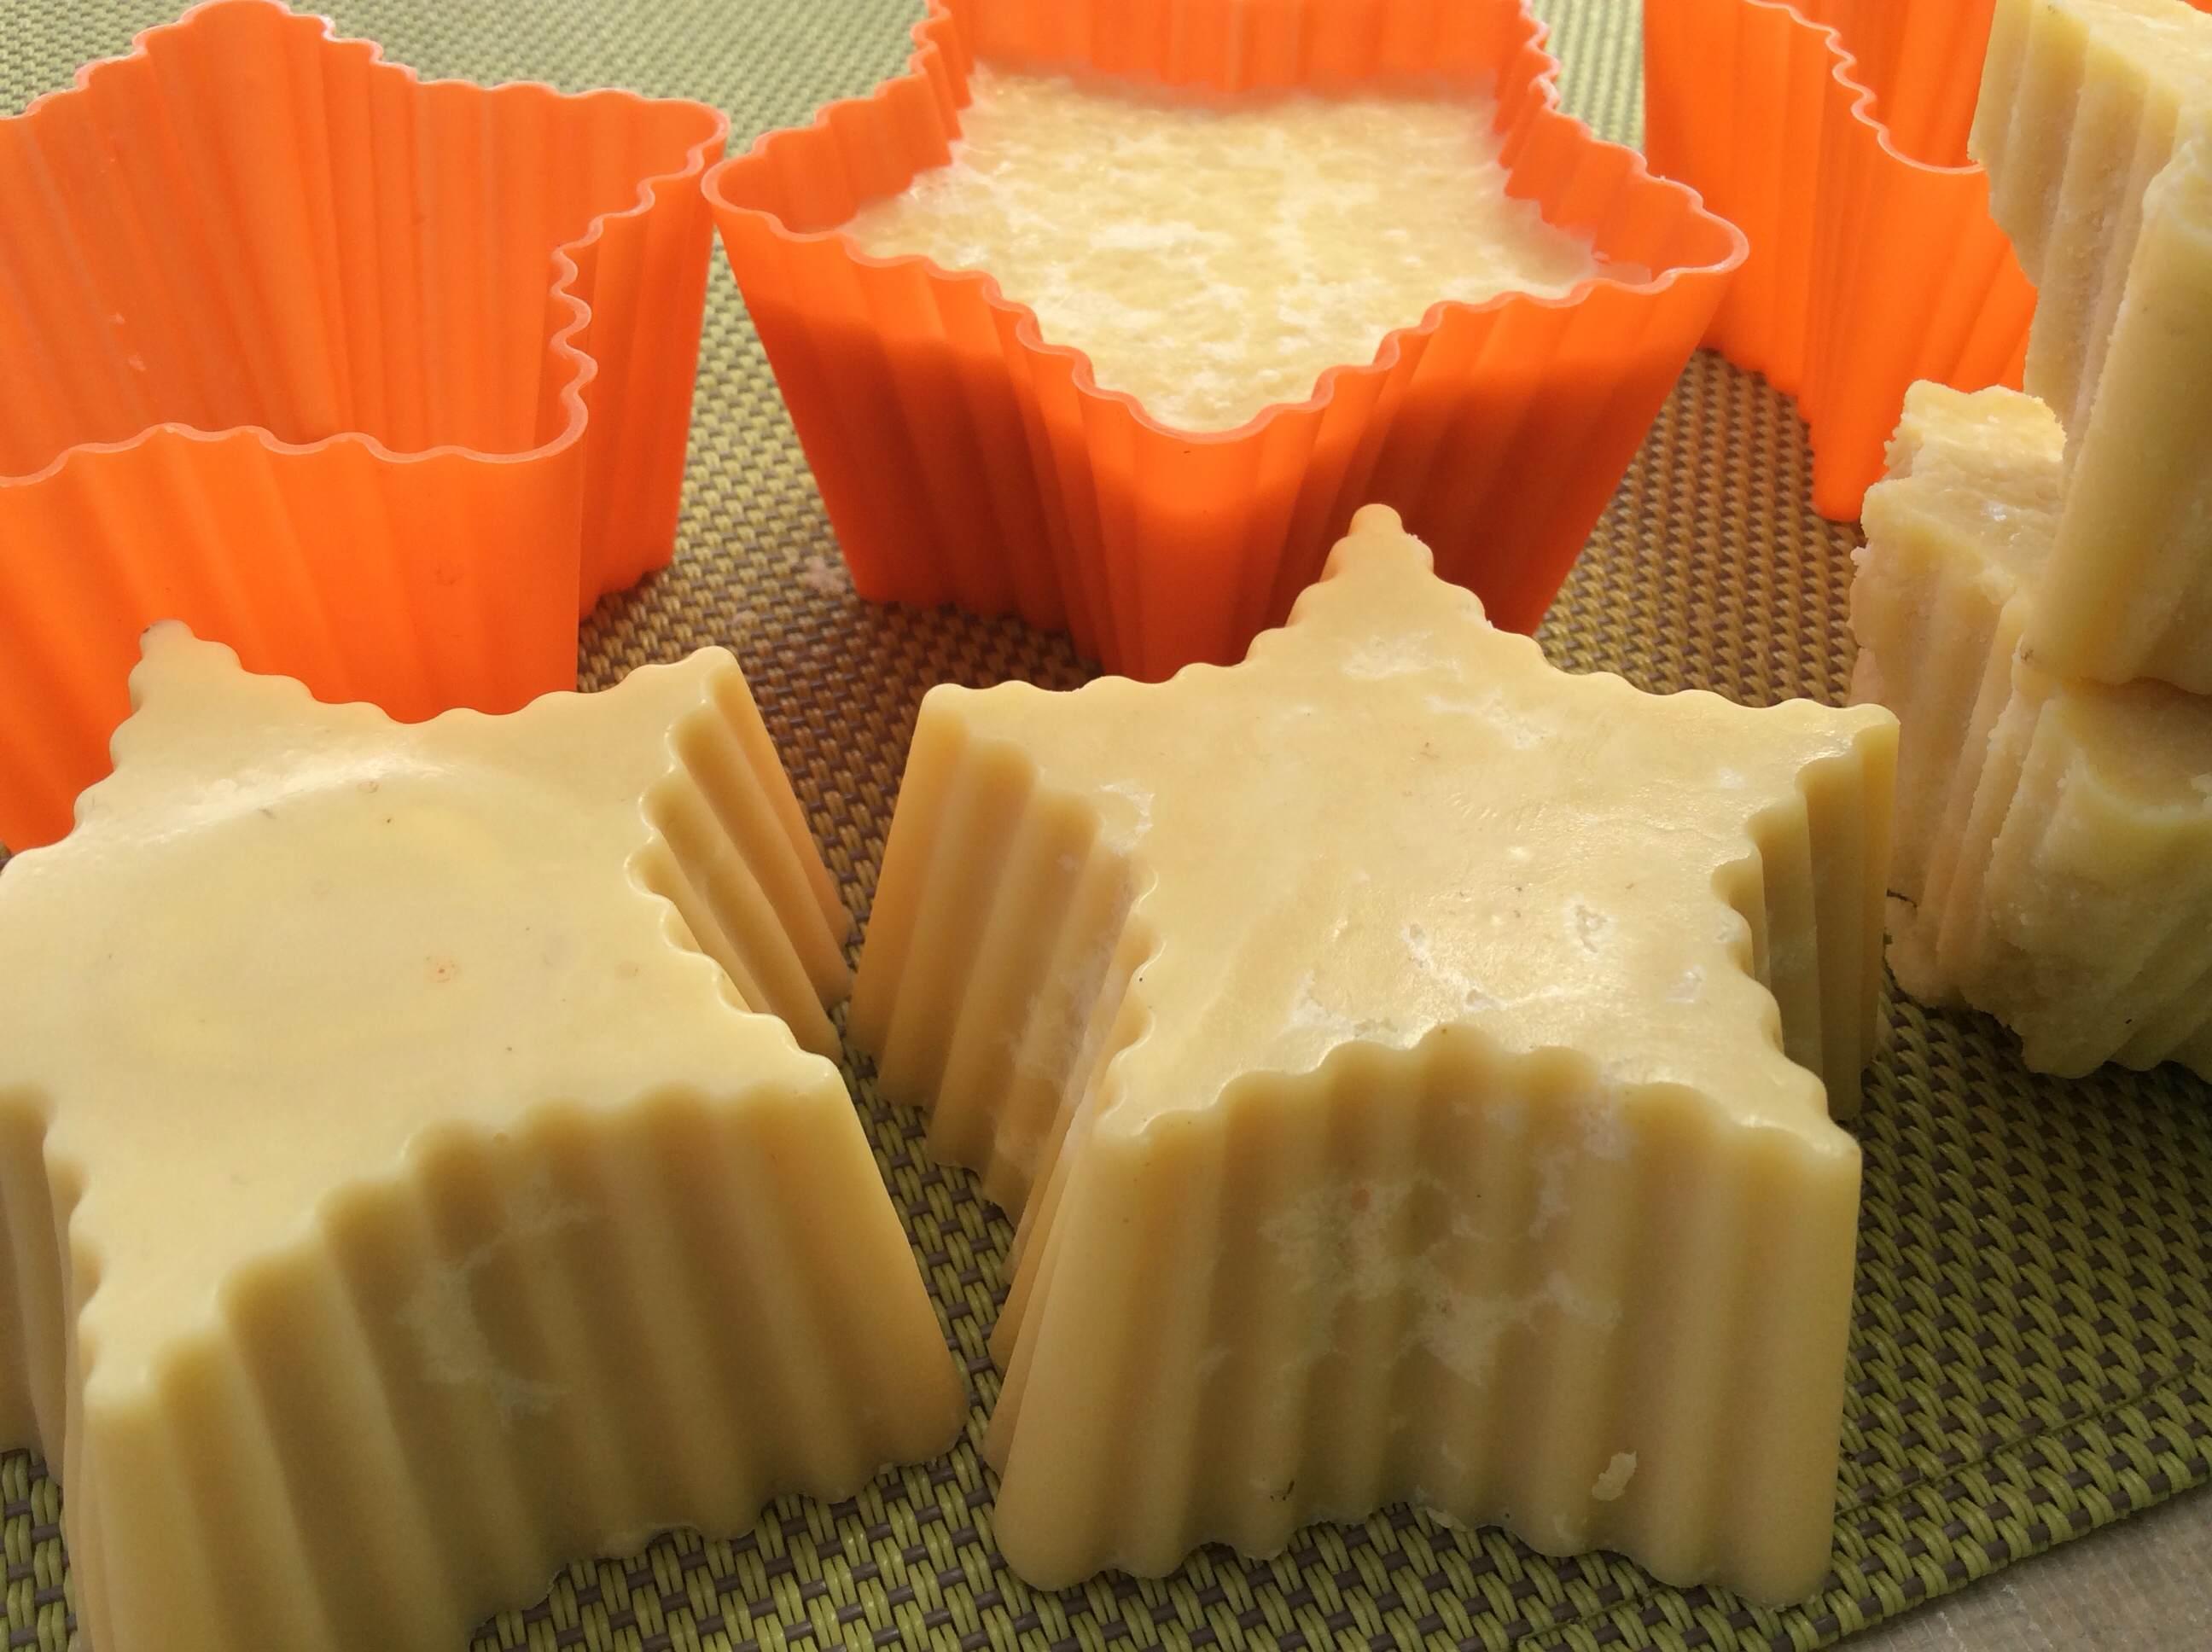 kakavovo maslo ploščice